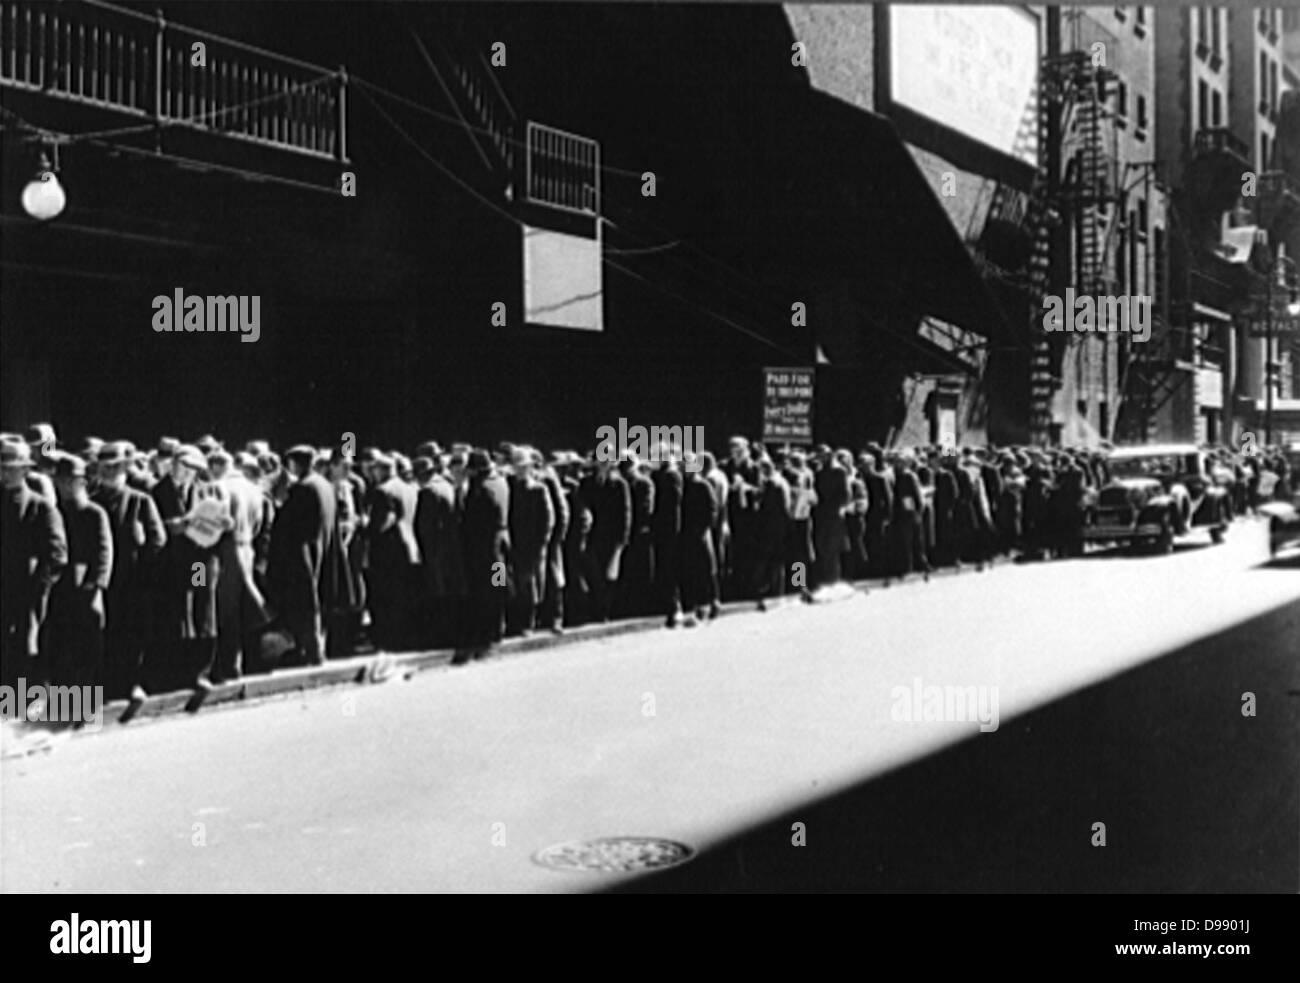 Suppenküche in den USA 1930 während der großen Depression Stockfoto ...